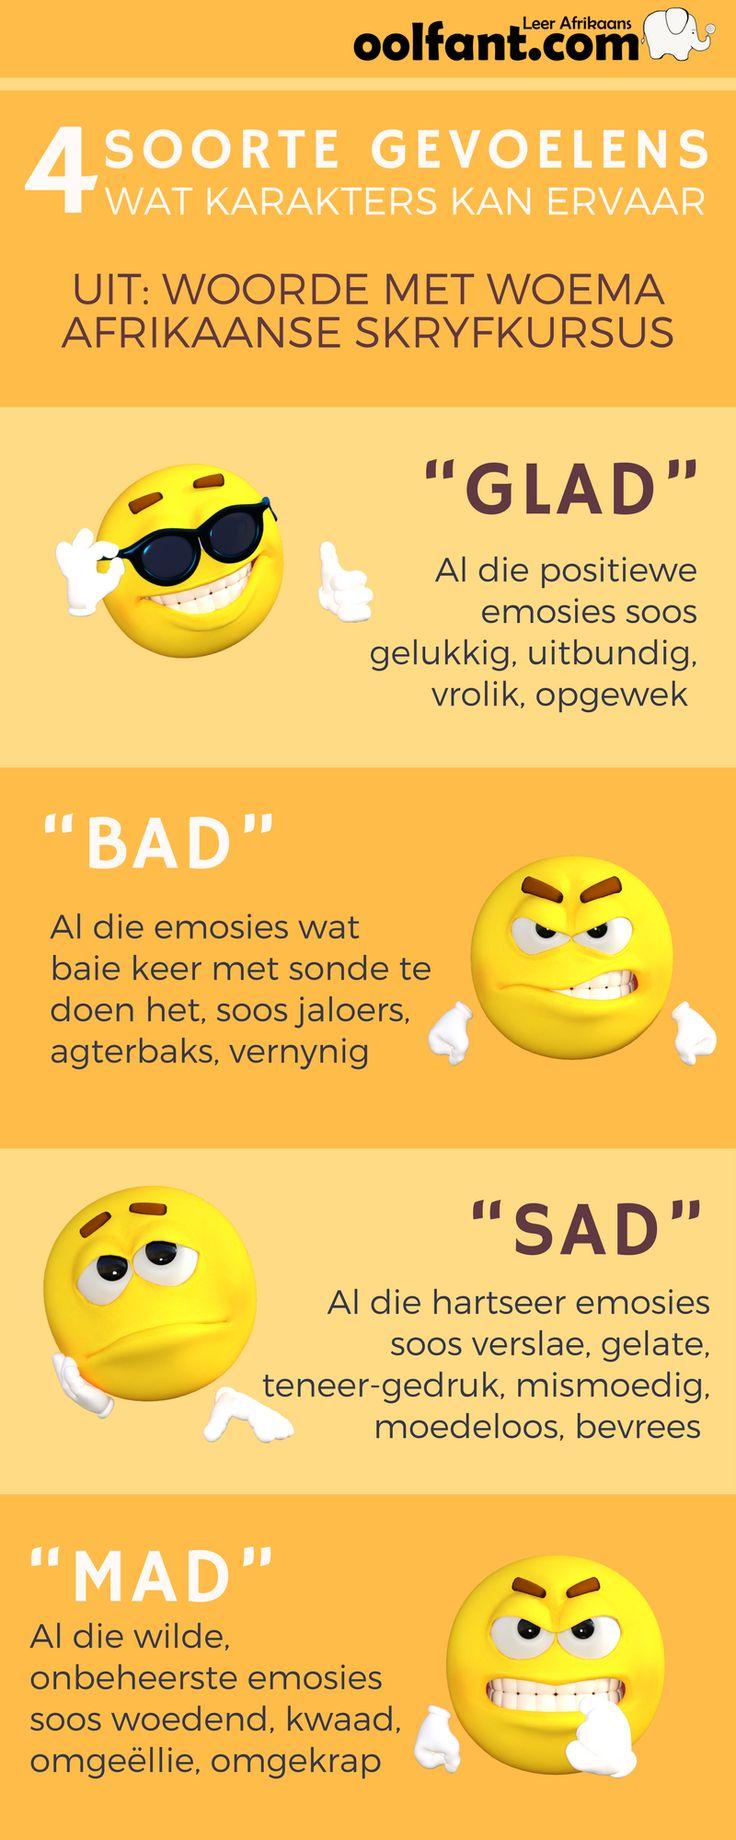 4 Soorde emosies wat karakters kan ervaar    Afrikaanse skryfkursus   Woorde met woema